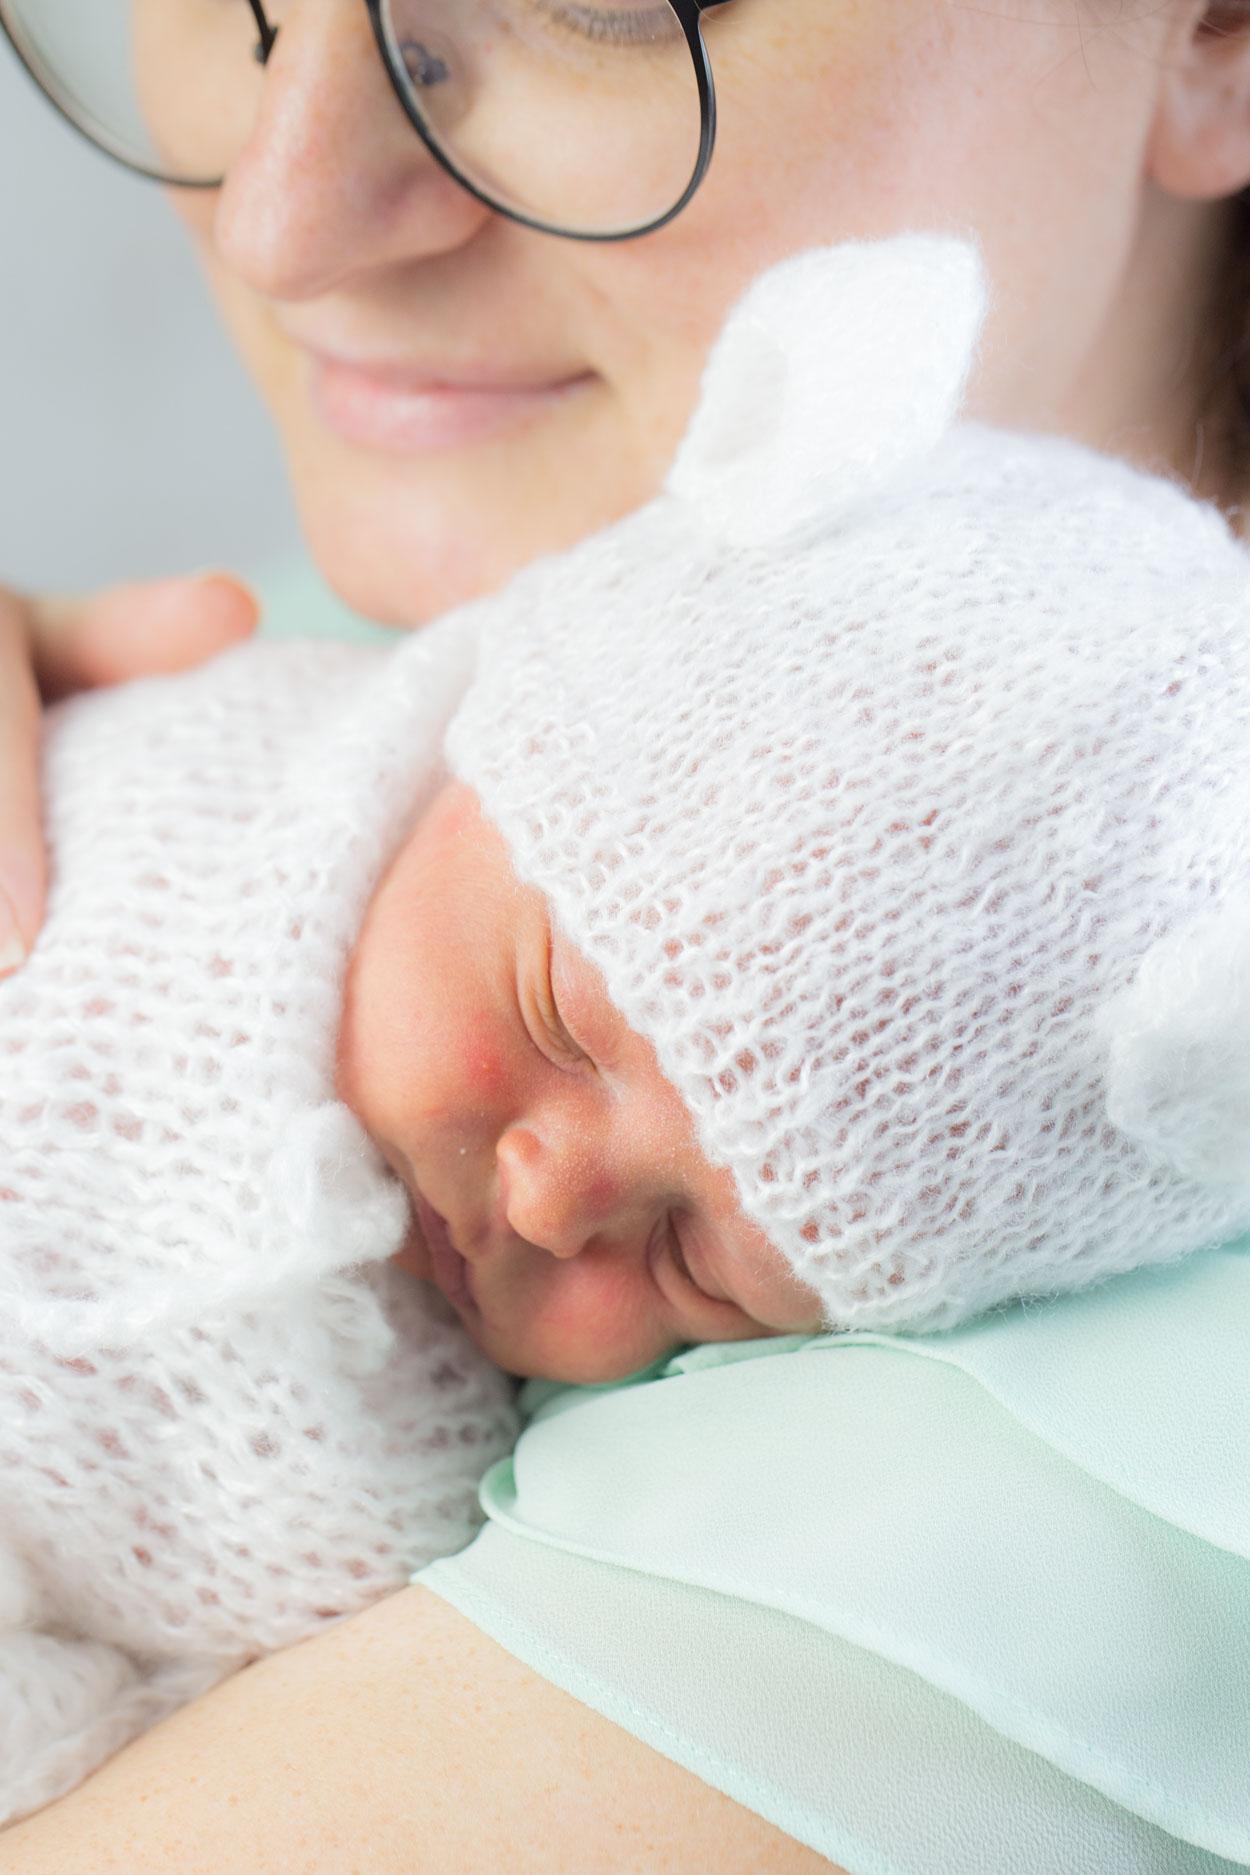 Baby resting on mom's shoulder.